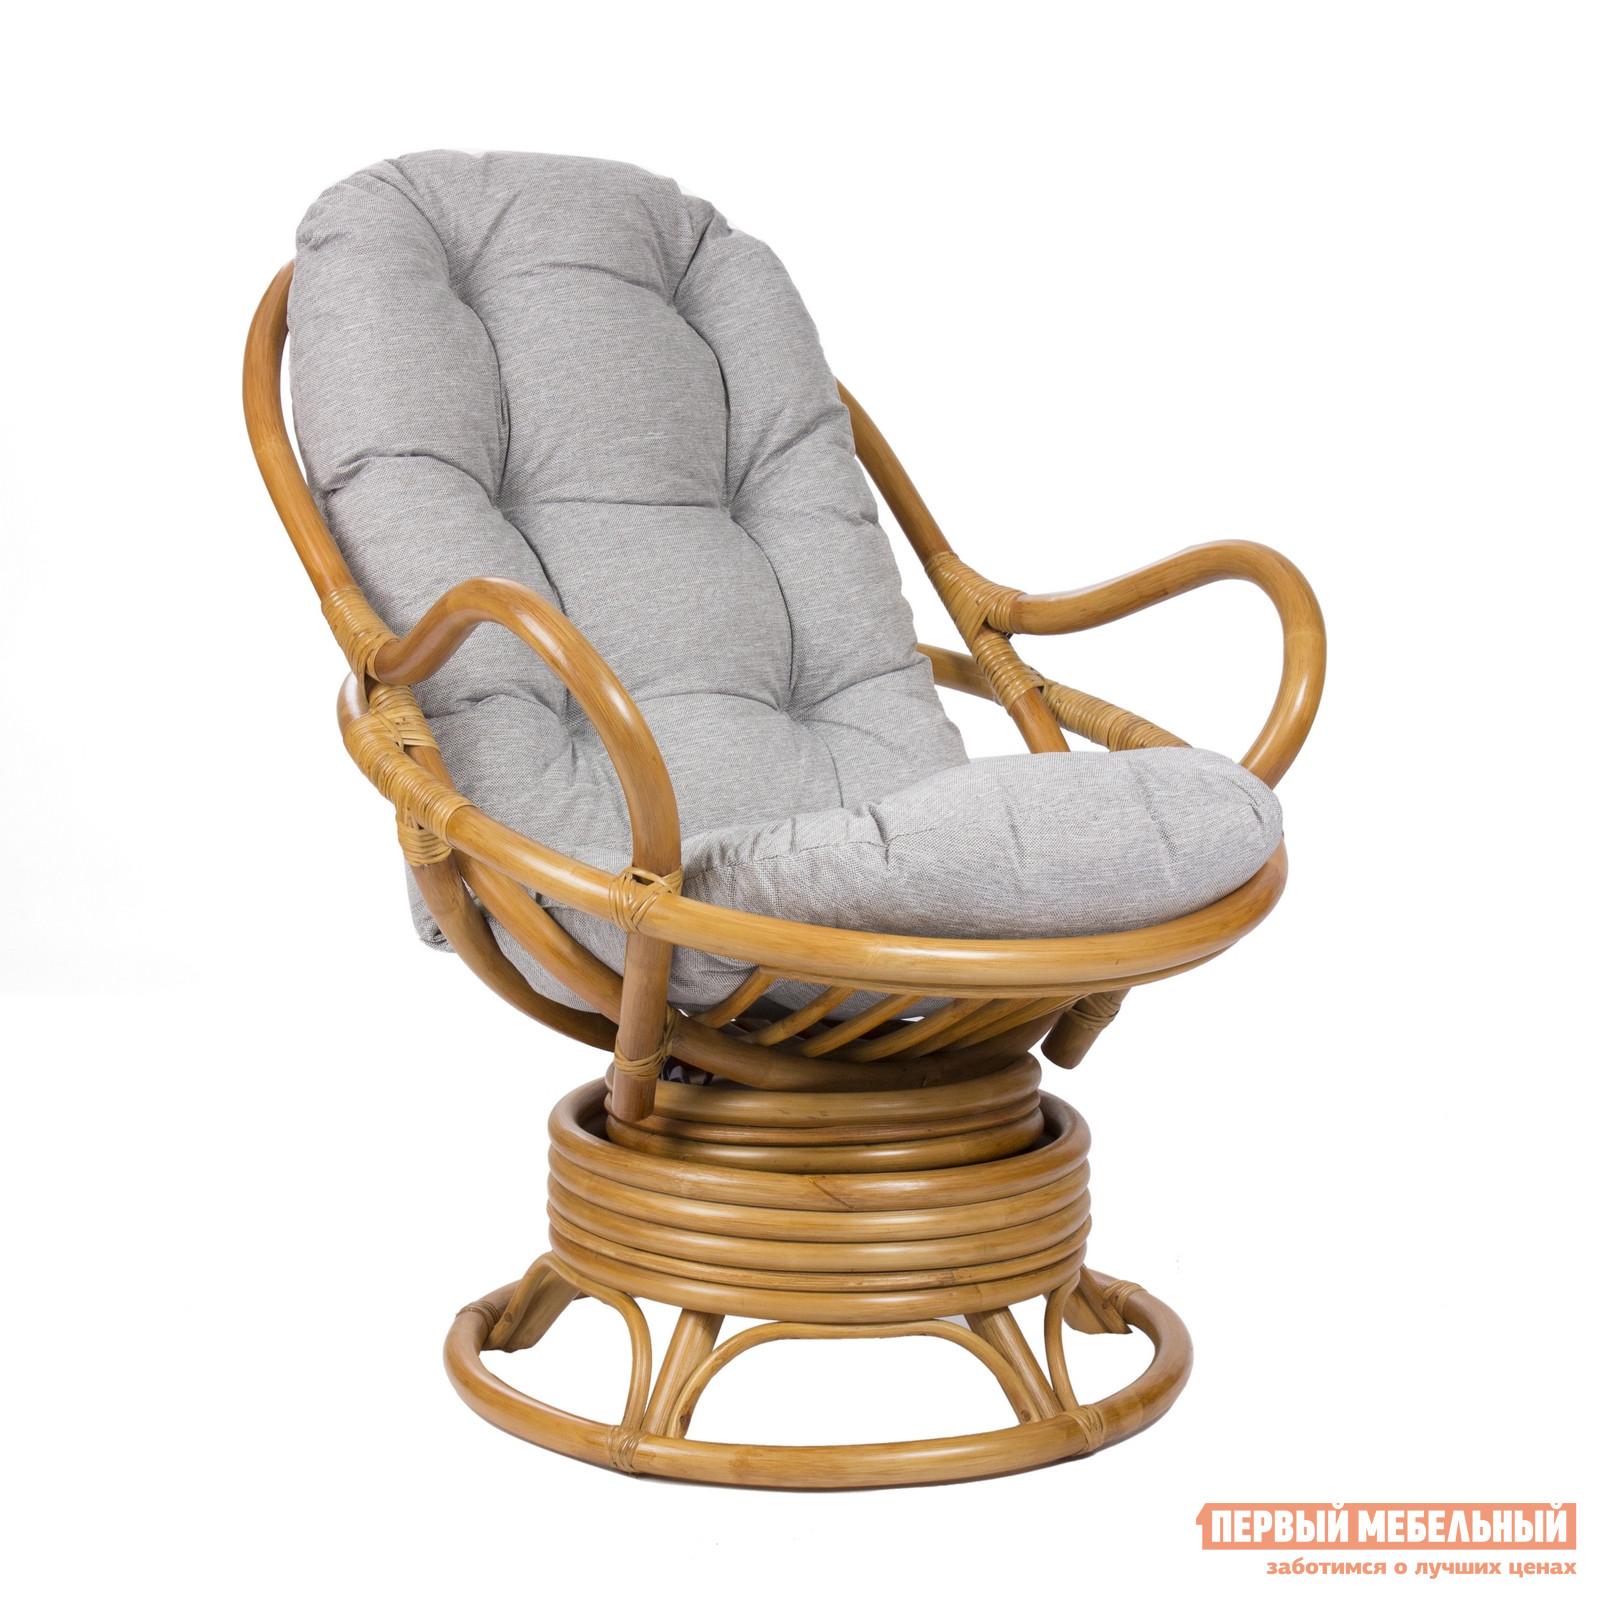 Кресло-качалка Мебель Импэкс Swivel Rocker Мед